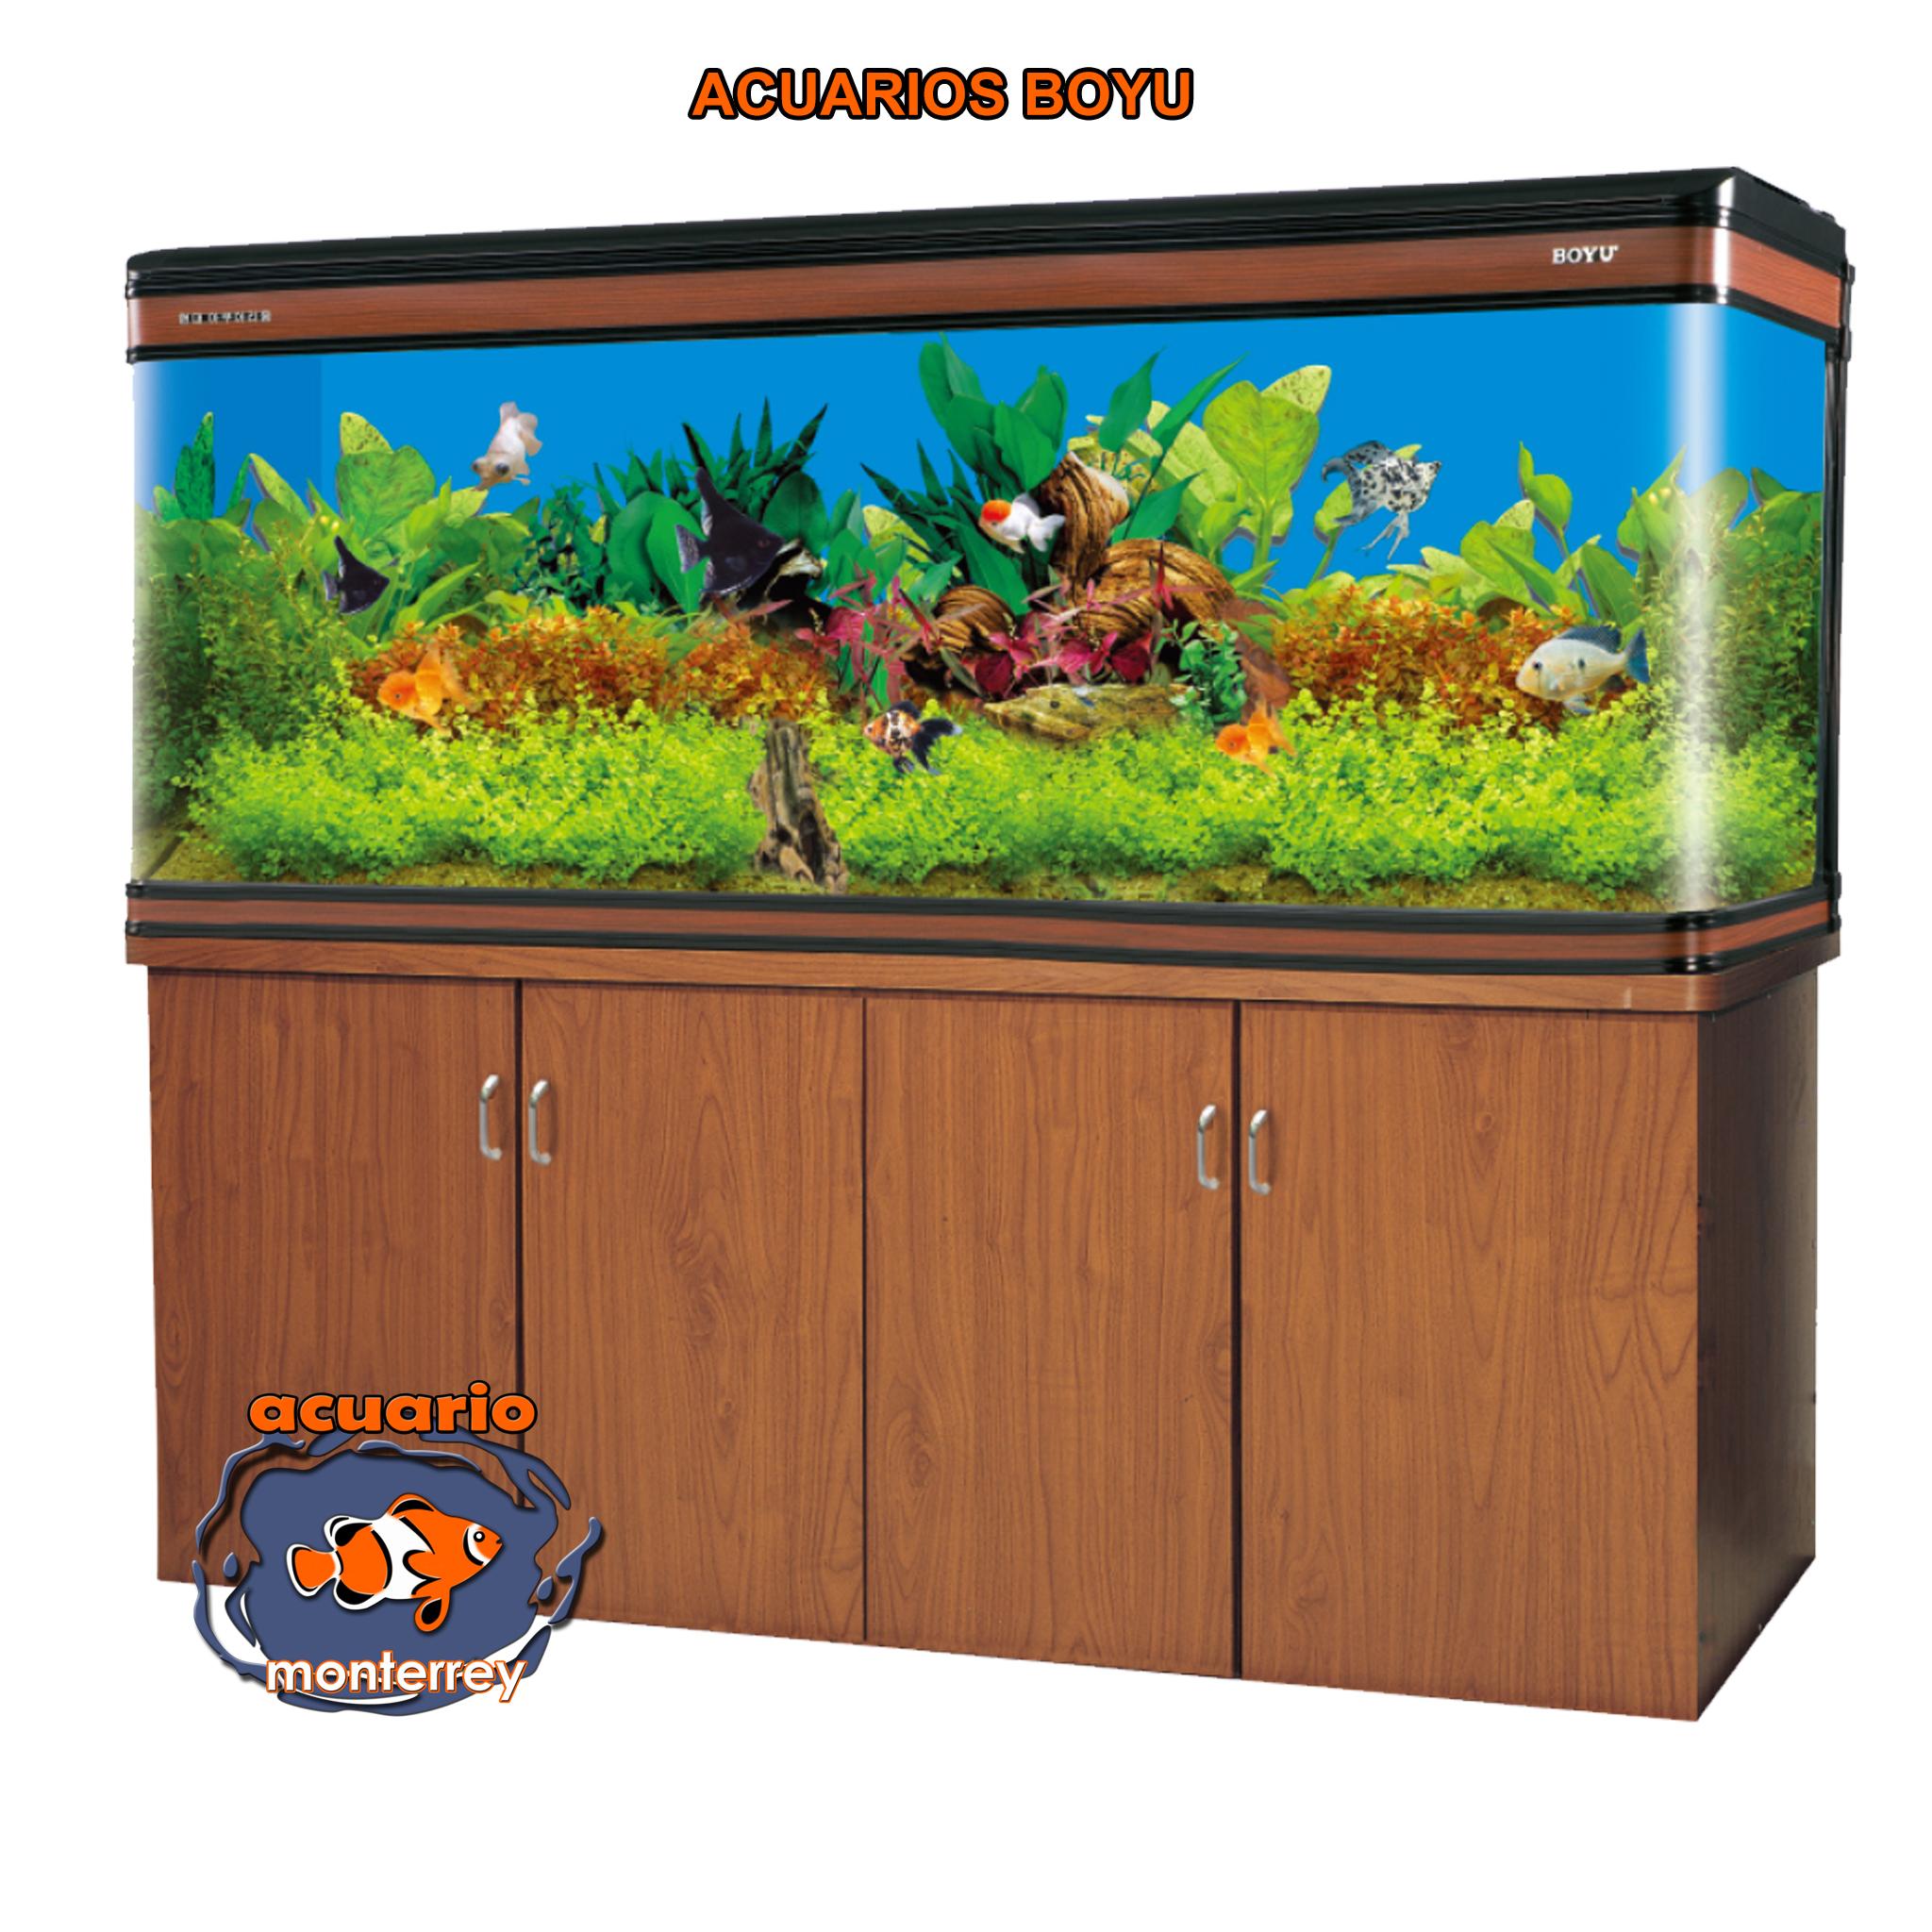 Acuario boyu lz2000 219 galones acuario monterrey for Accesorios para acuarios marinos